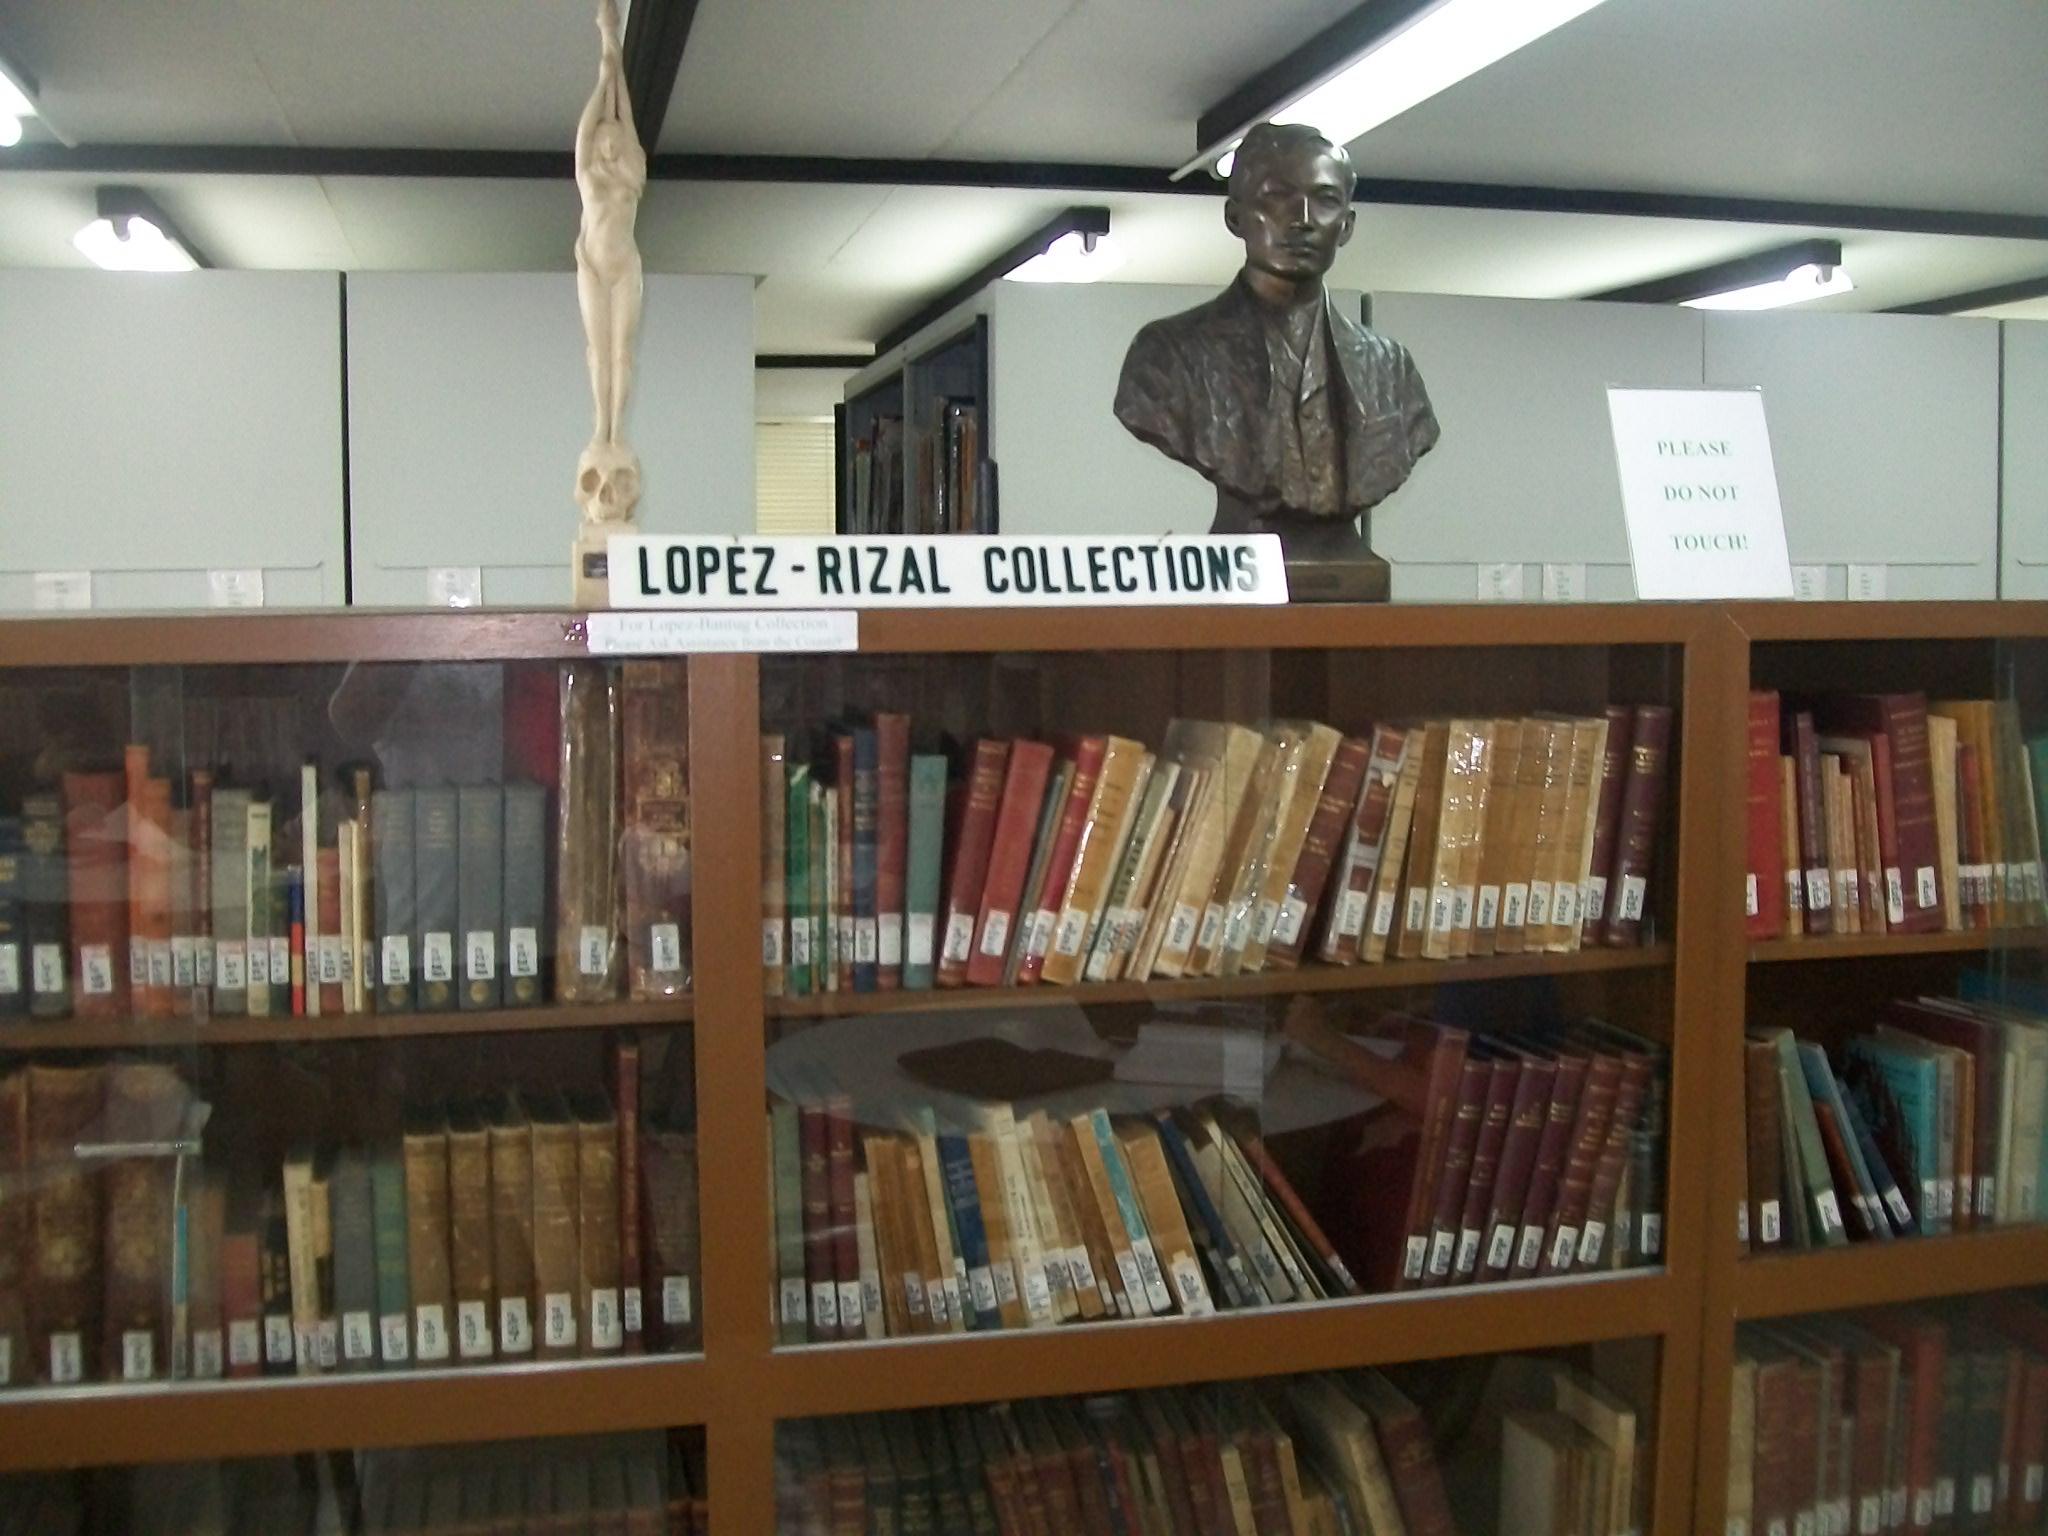 Dlsu Rizal